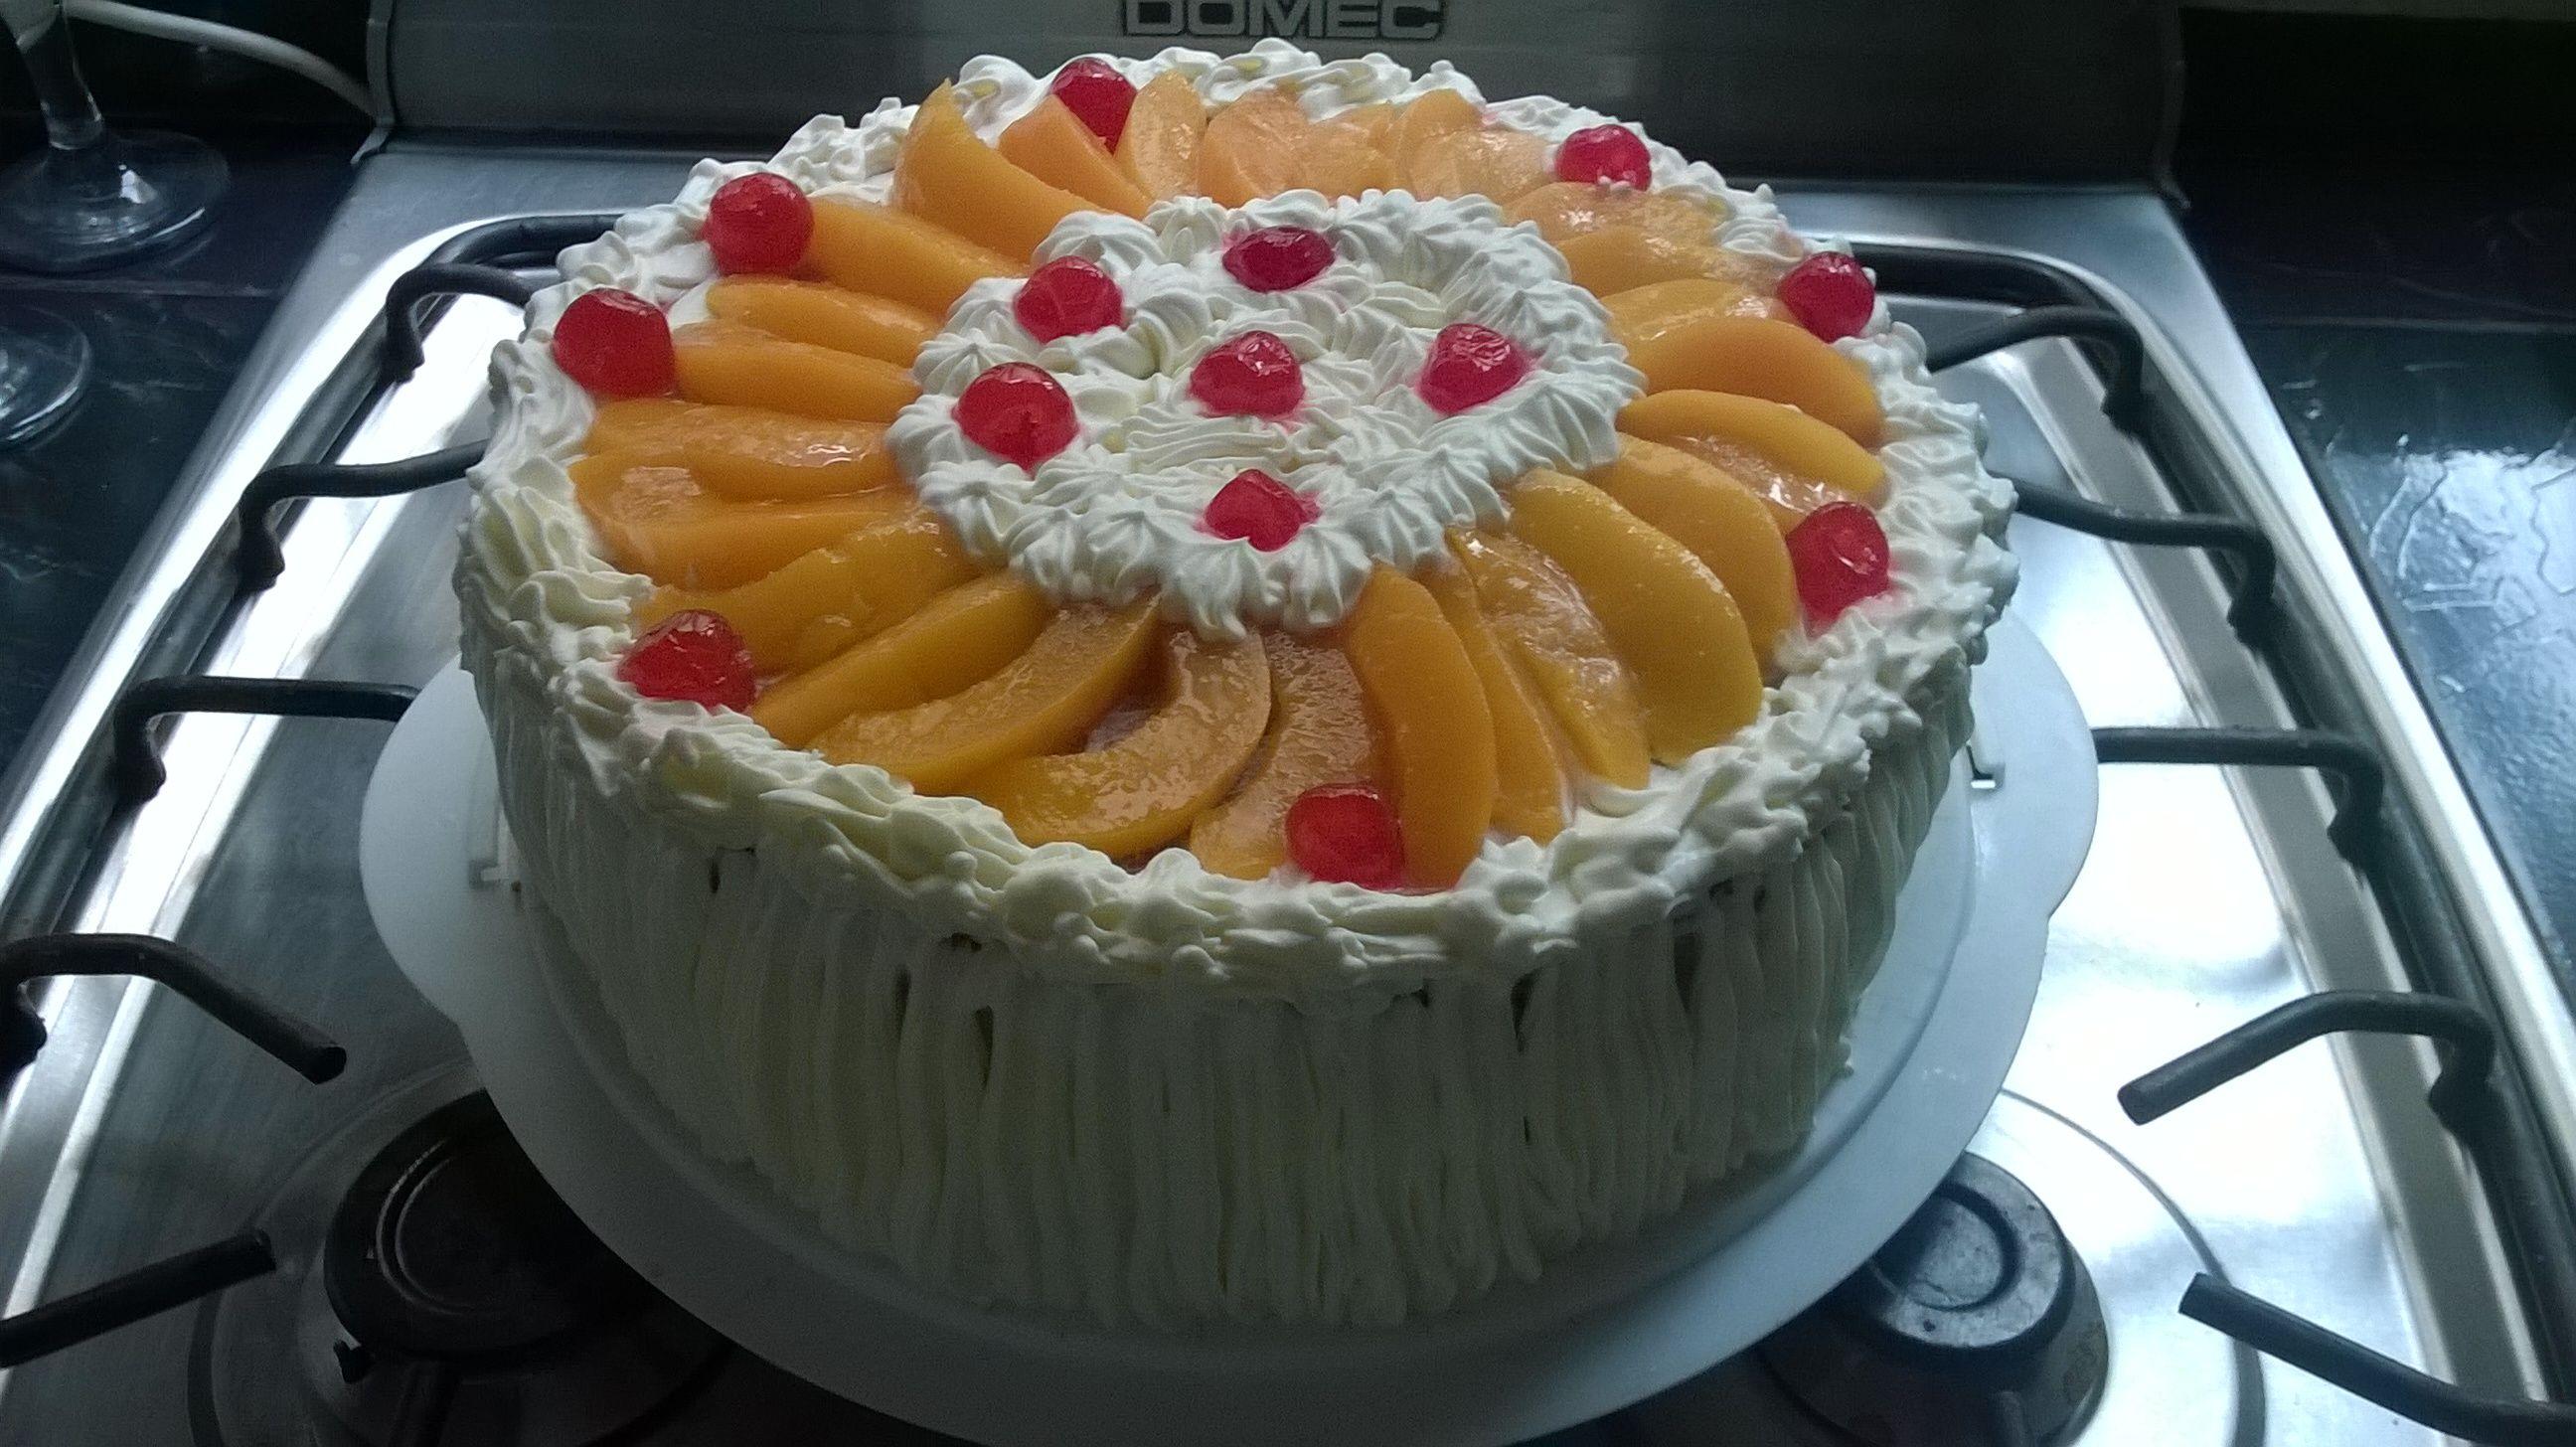 torta de crema y durazno con relleno de dulce de leche